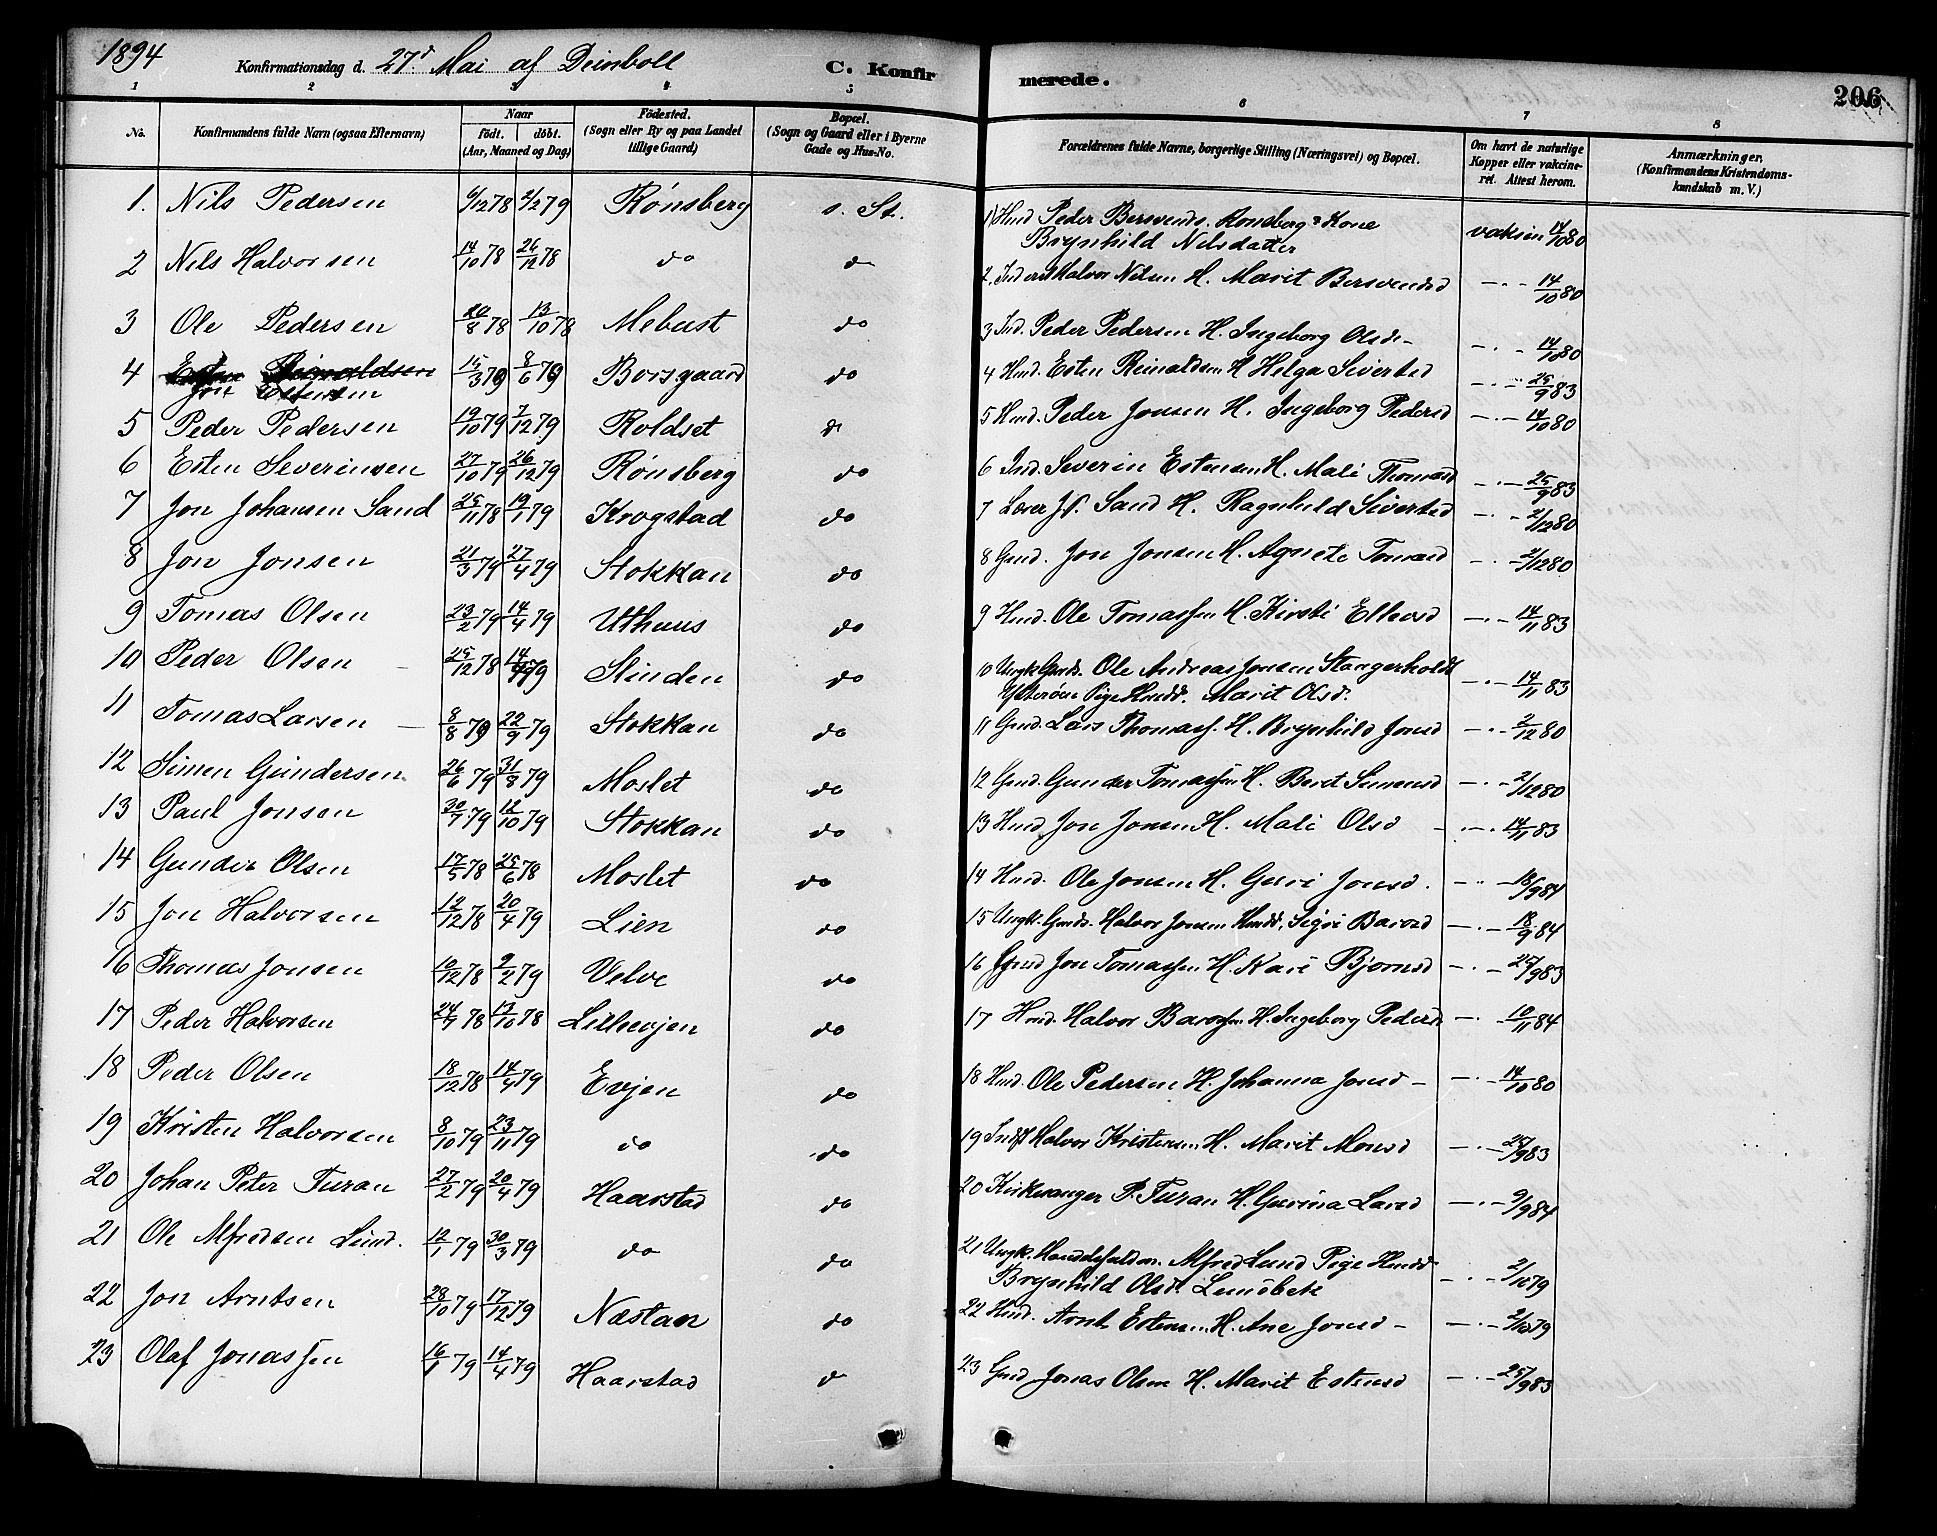 SAT, Ministerialprotokoller, klokkerbøker og fødselsregistre - Sør-Trøndelag, 695/L1157: Klokkerbok nr. 695C08, 1889-1913, s. 206